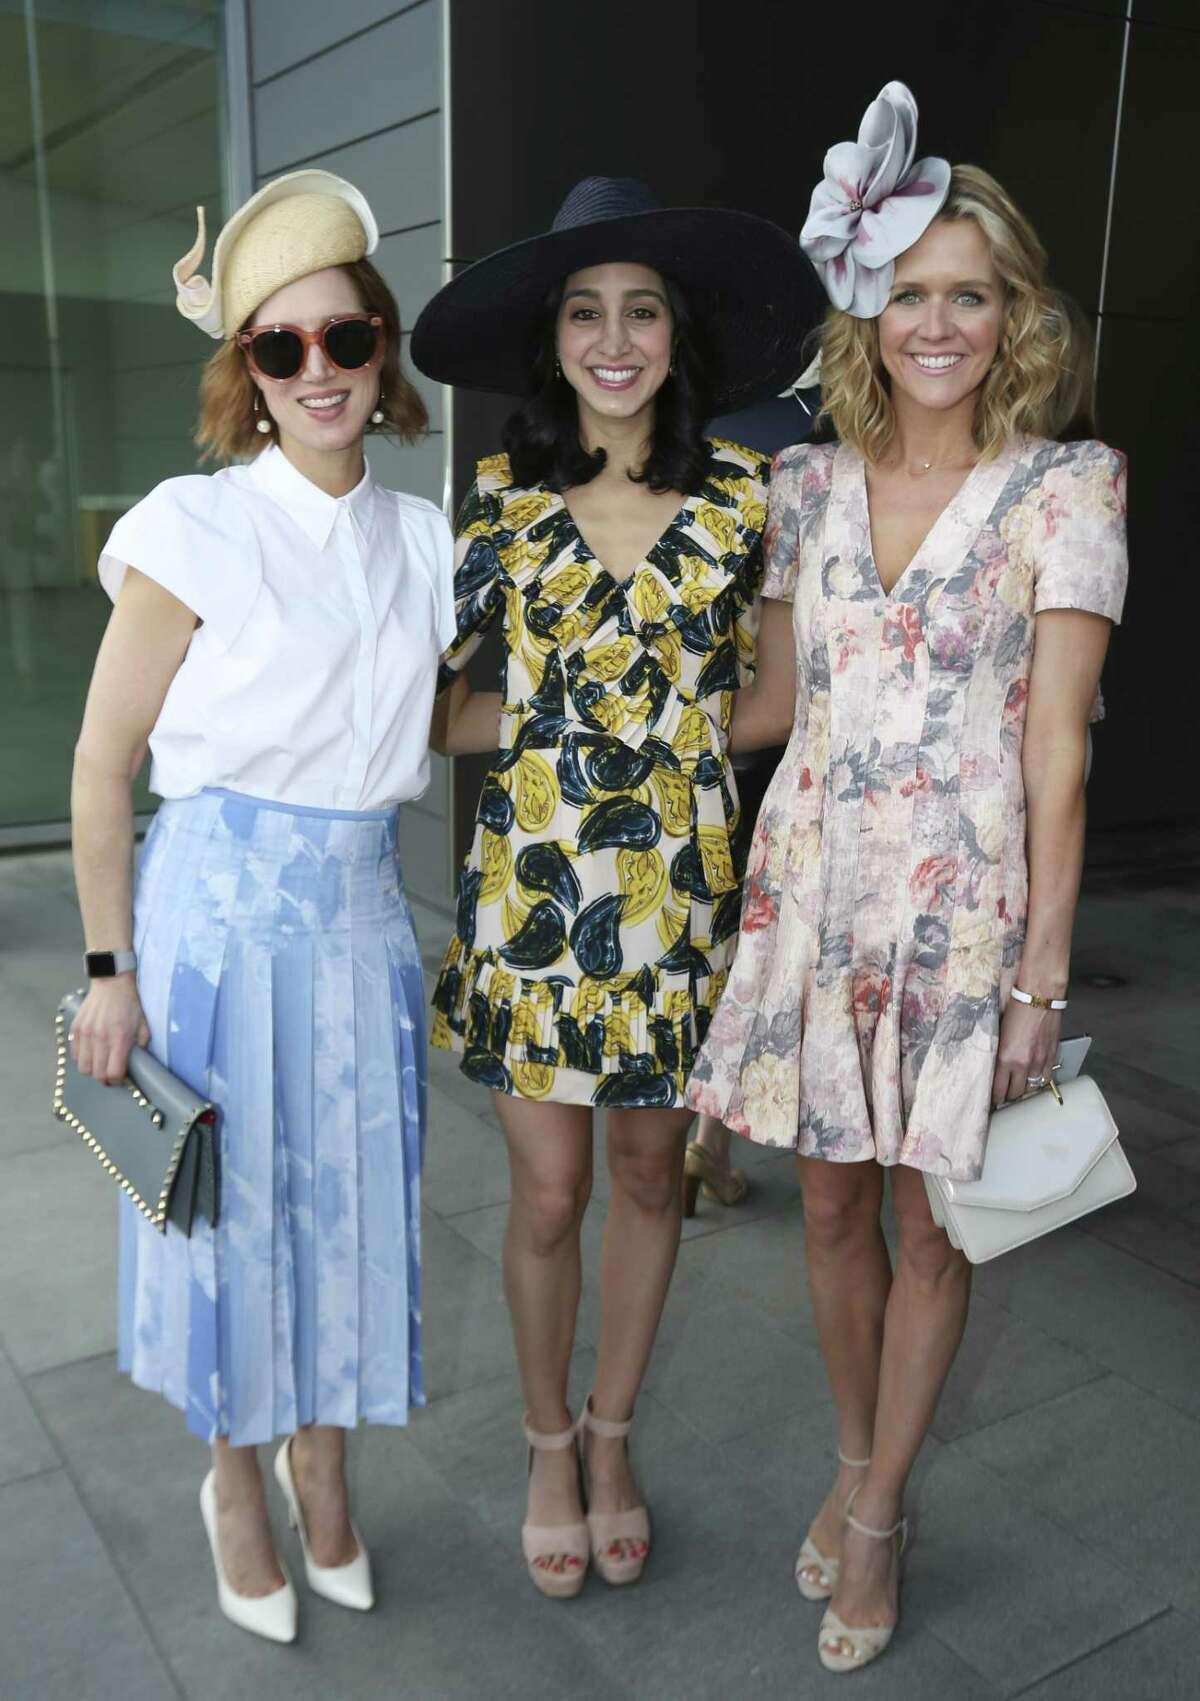 Carolyn Dorros, from left, Holly Radom and Lyndsey Zorich